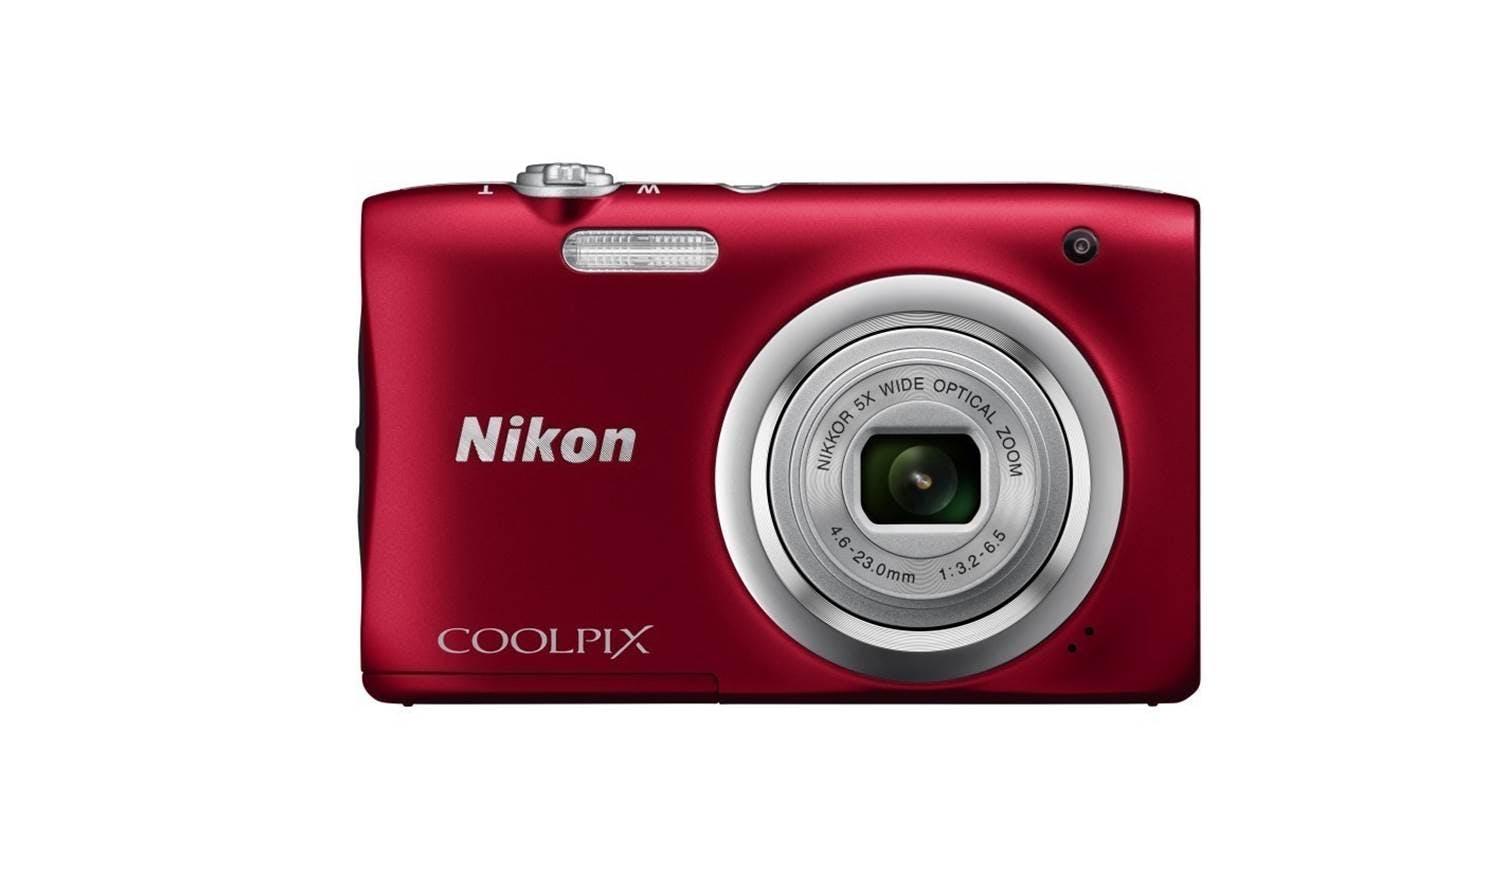 Nikon Coolpix A100 Digital Camera Red Harvey Norman